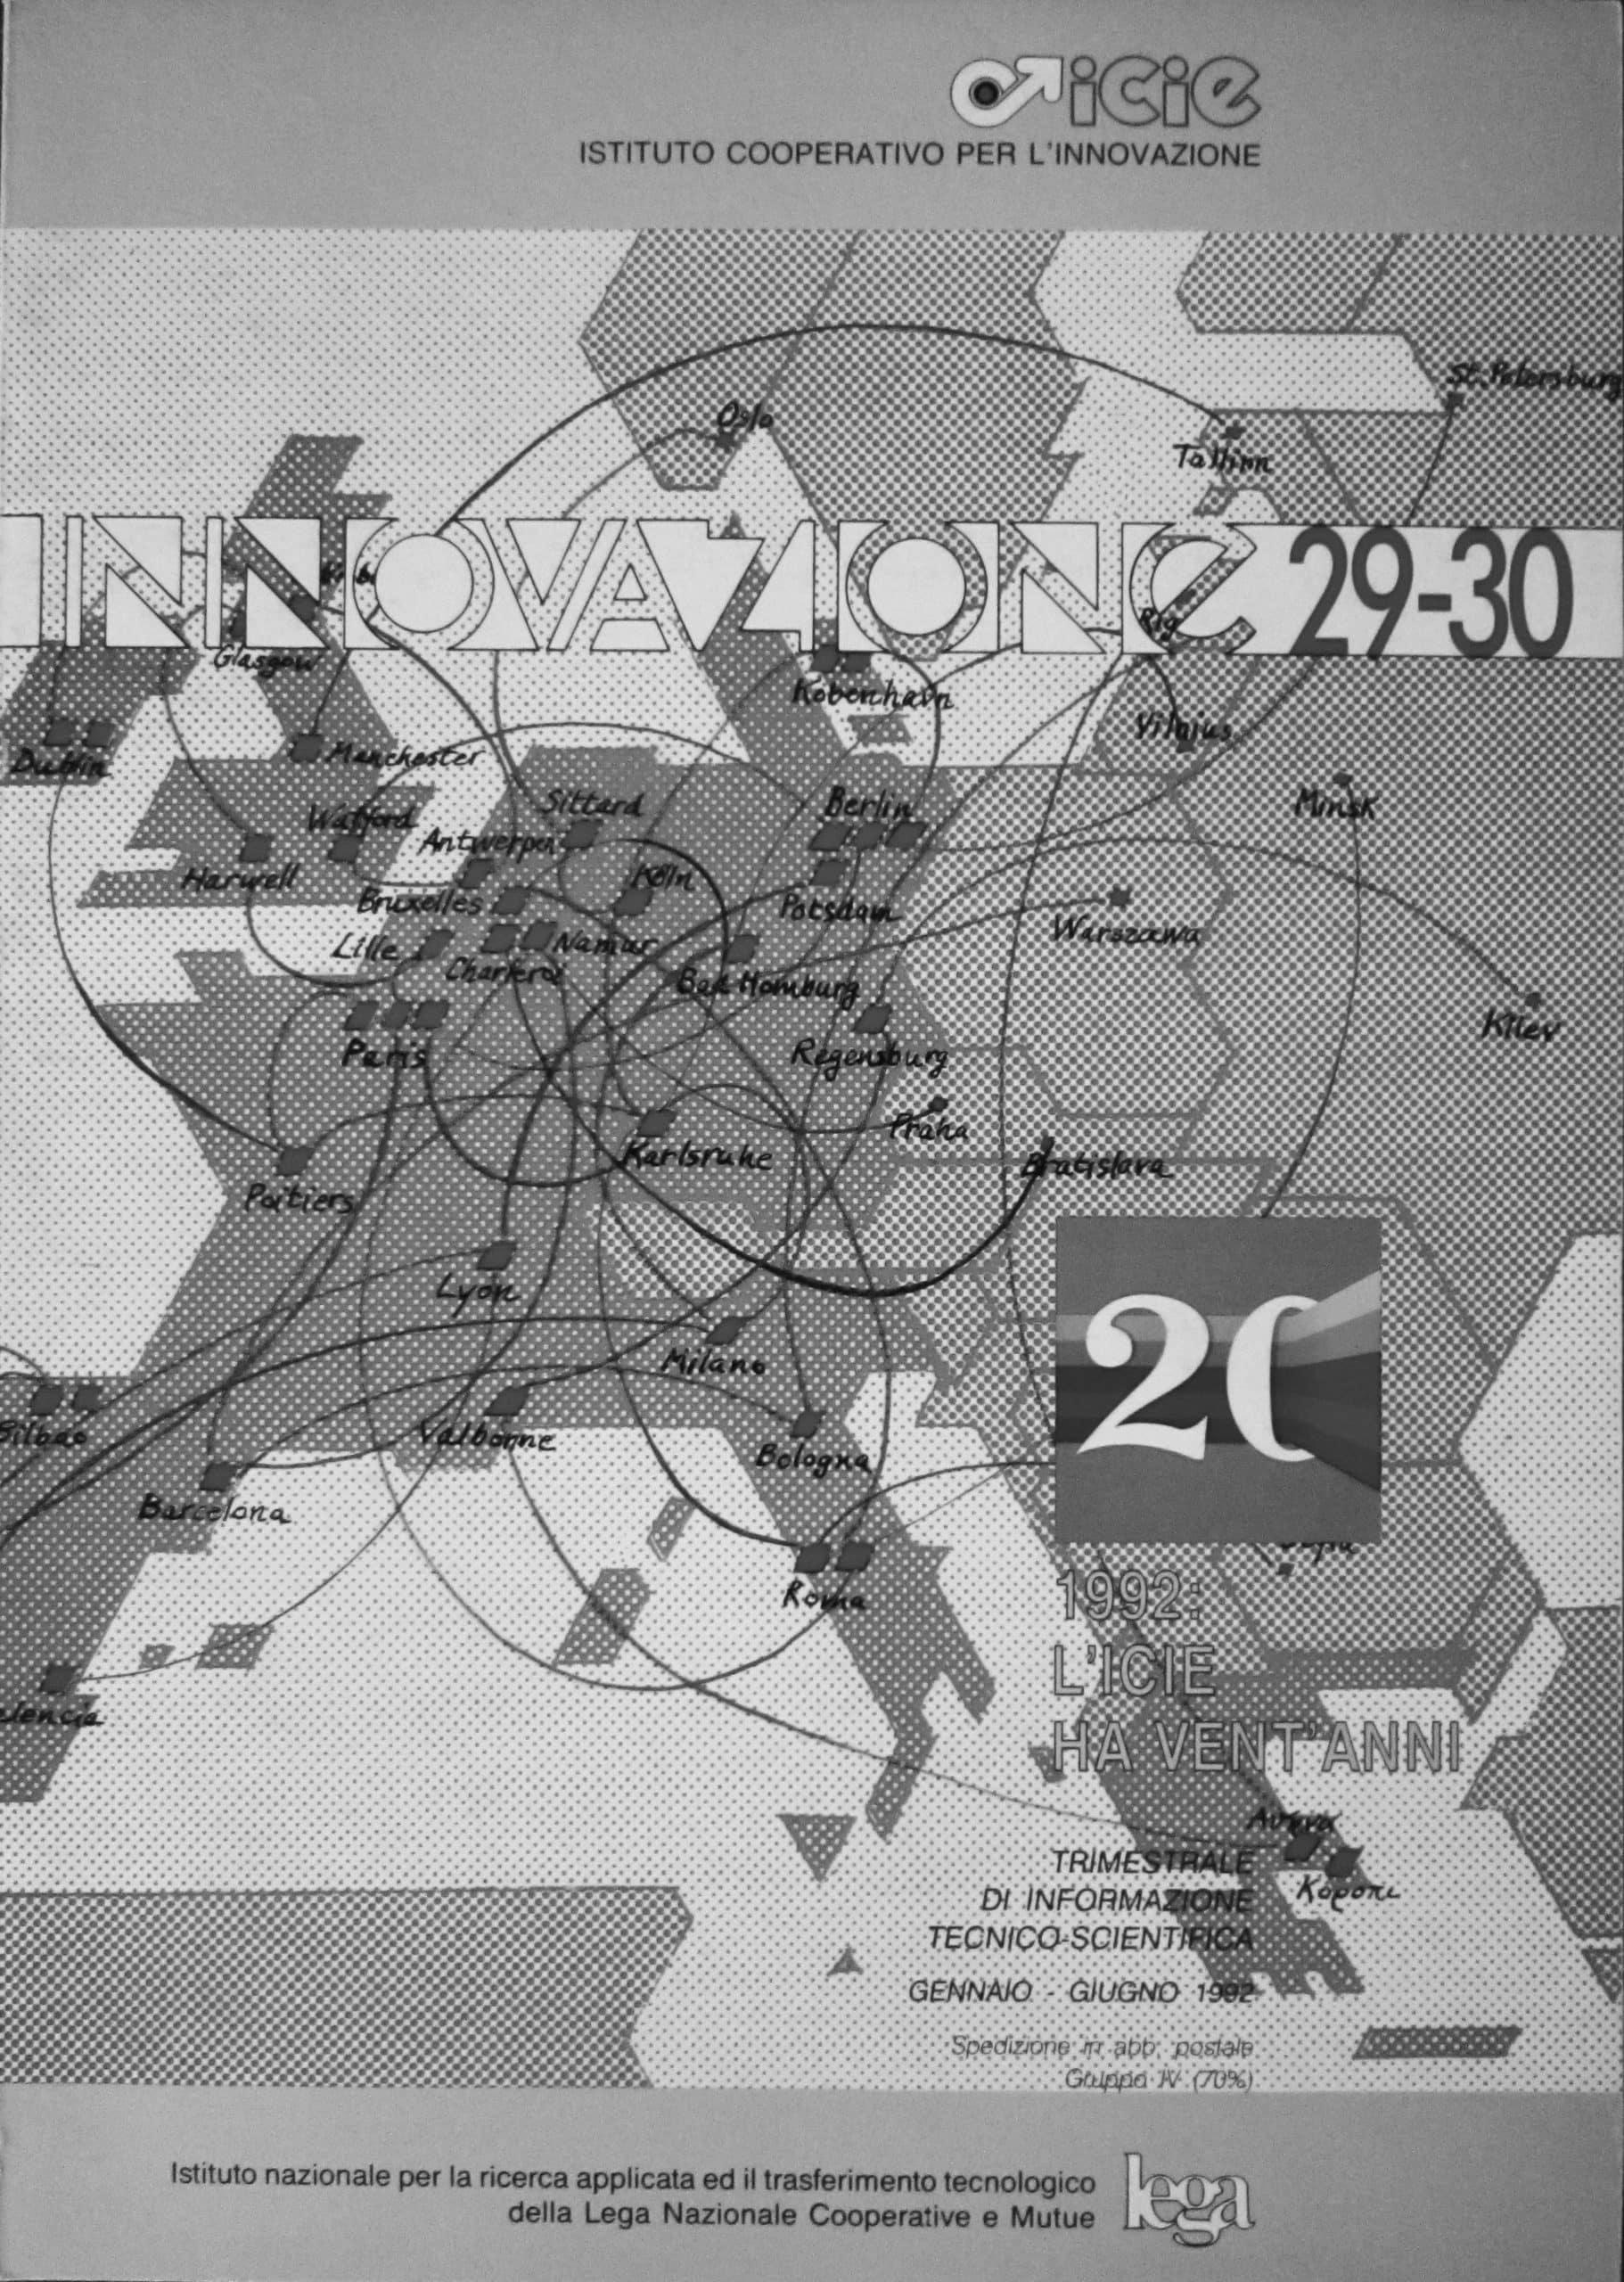 """9 - """"Ricerca e innovazione di fronte a una congiuntura difficile"""", in Innovazione 29-30, 1992: l'ICIE ha vent'anni, Roma - Copertina"""